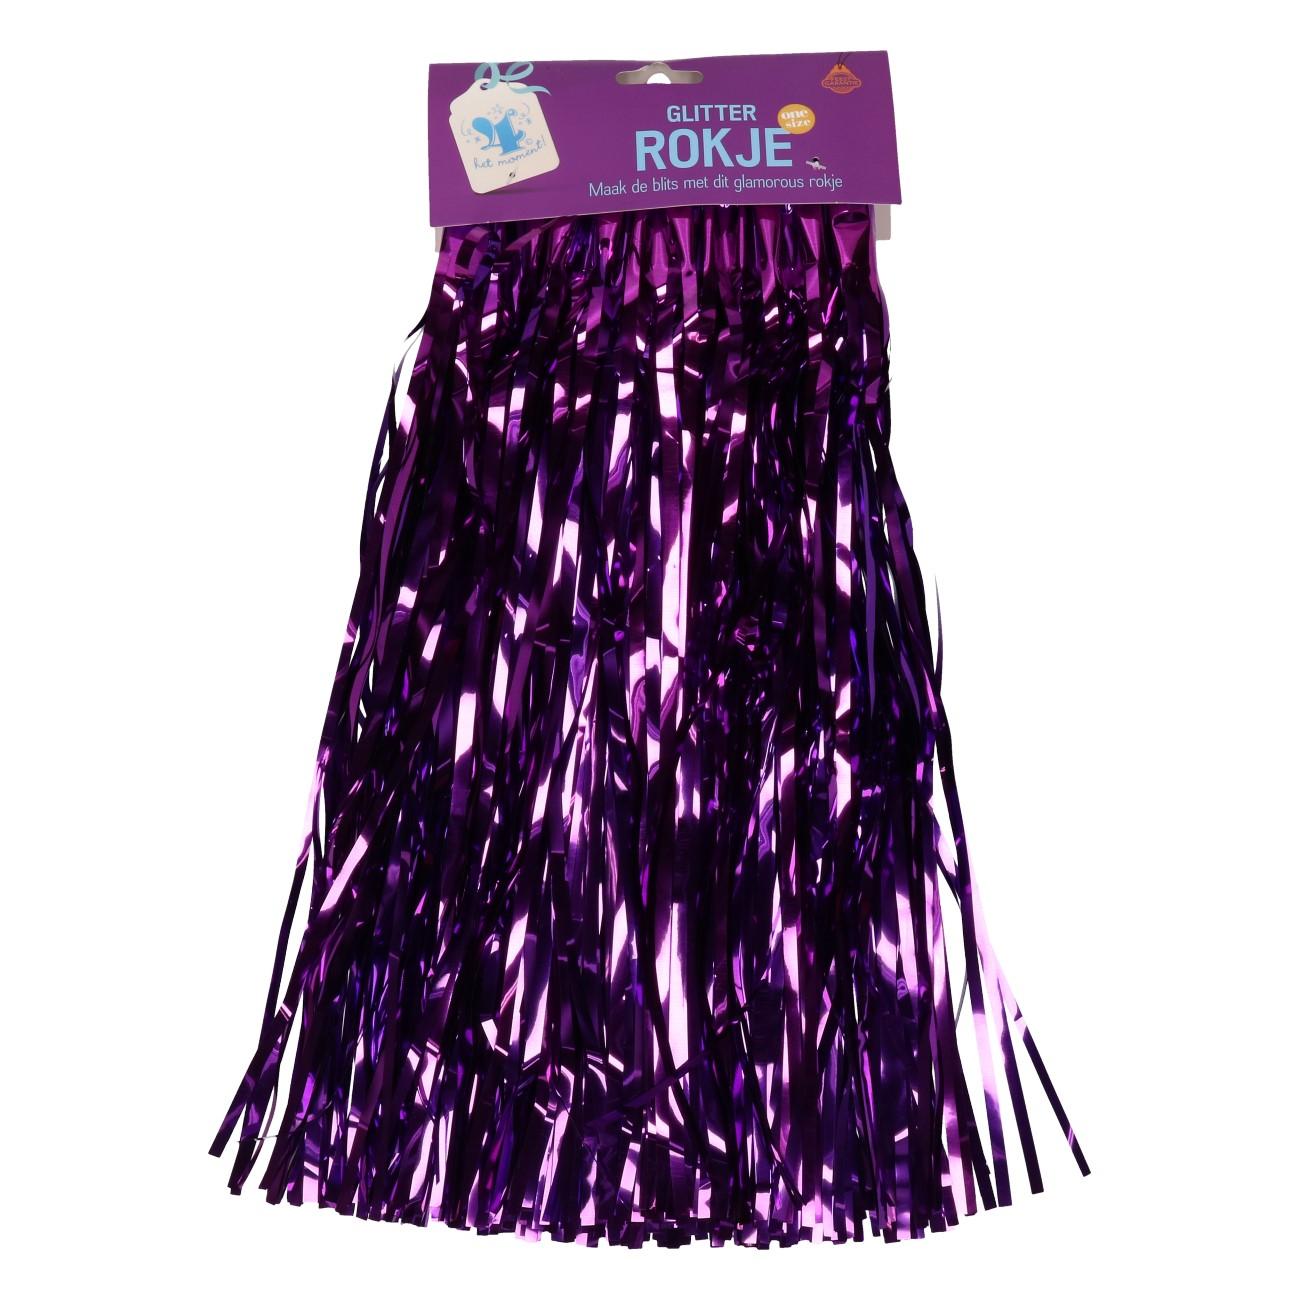 Rokje paars glitter one size